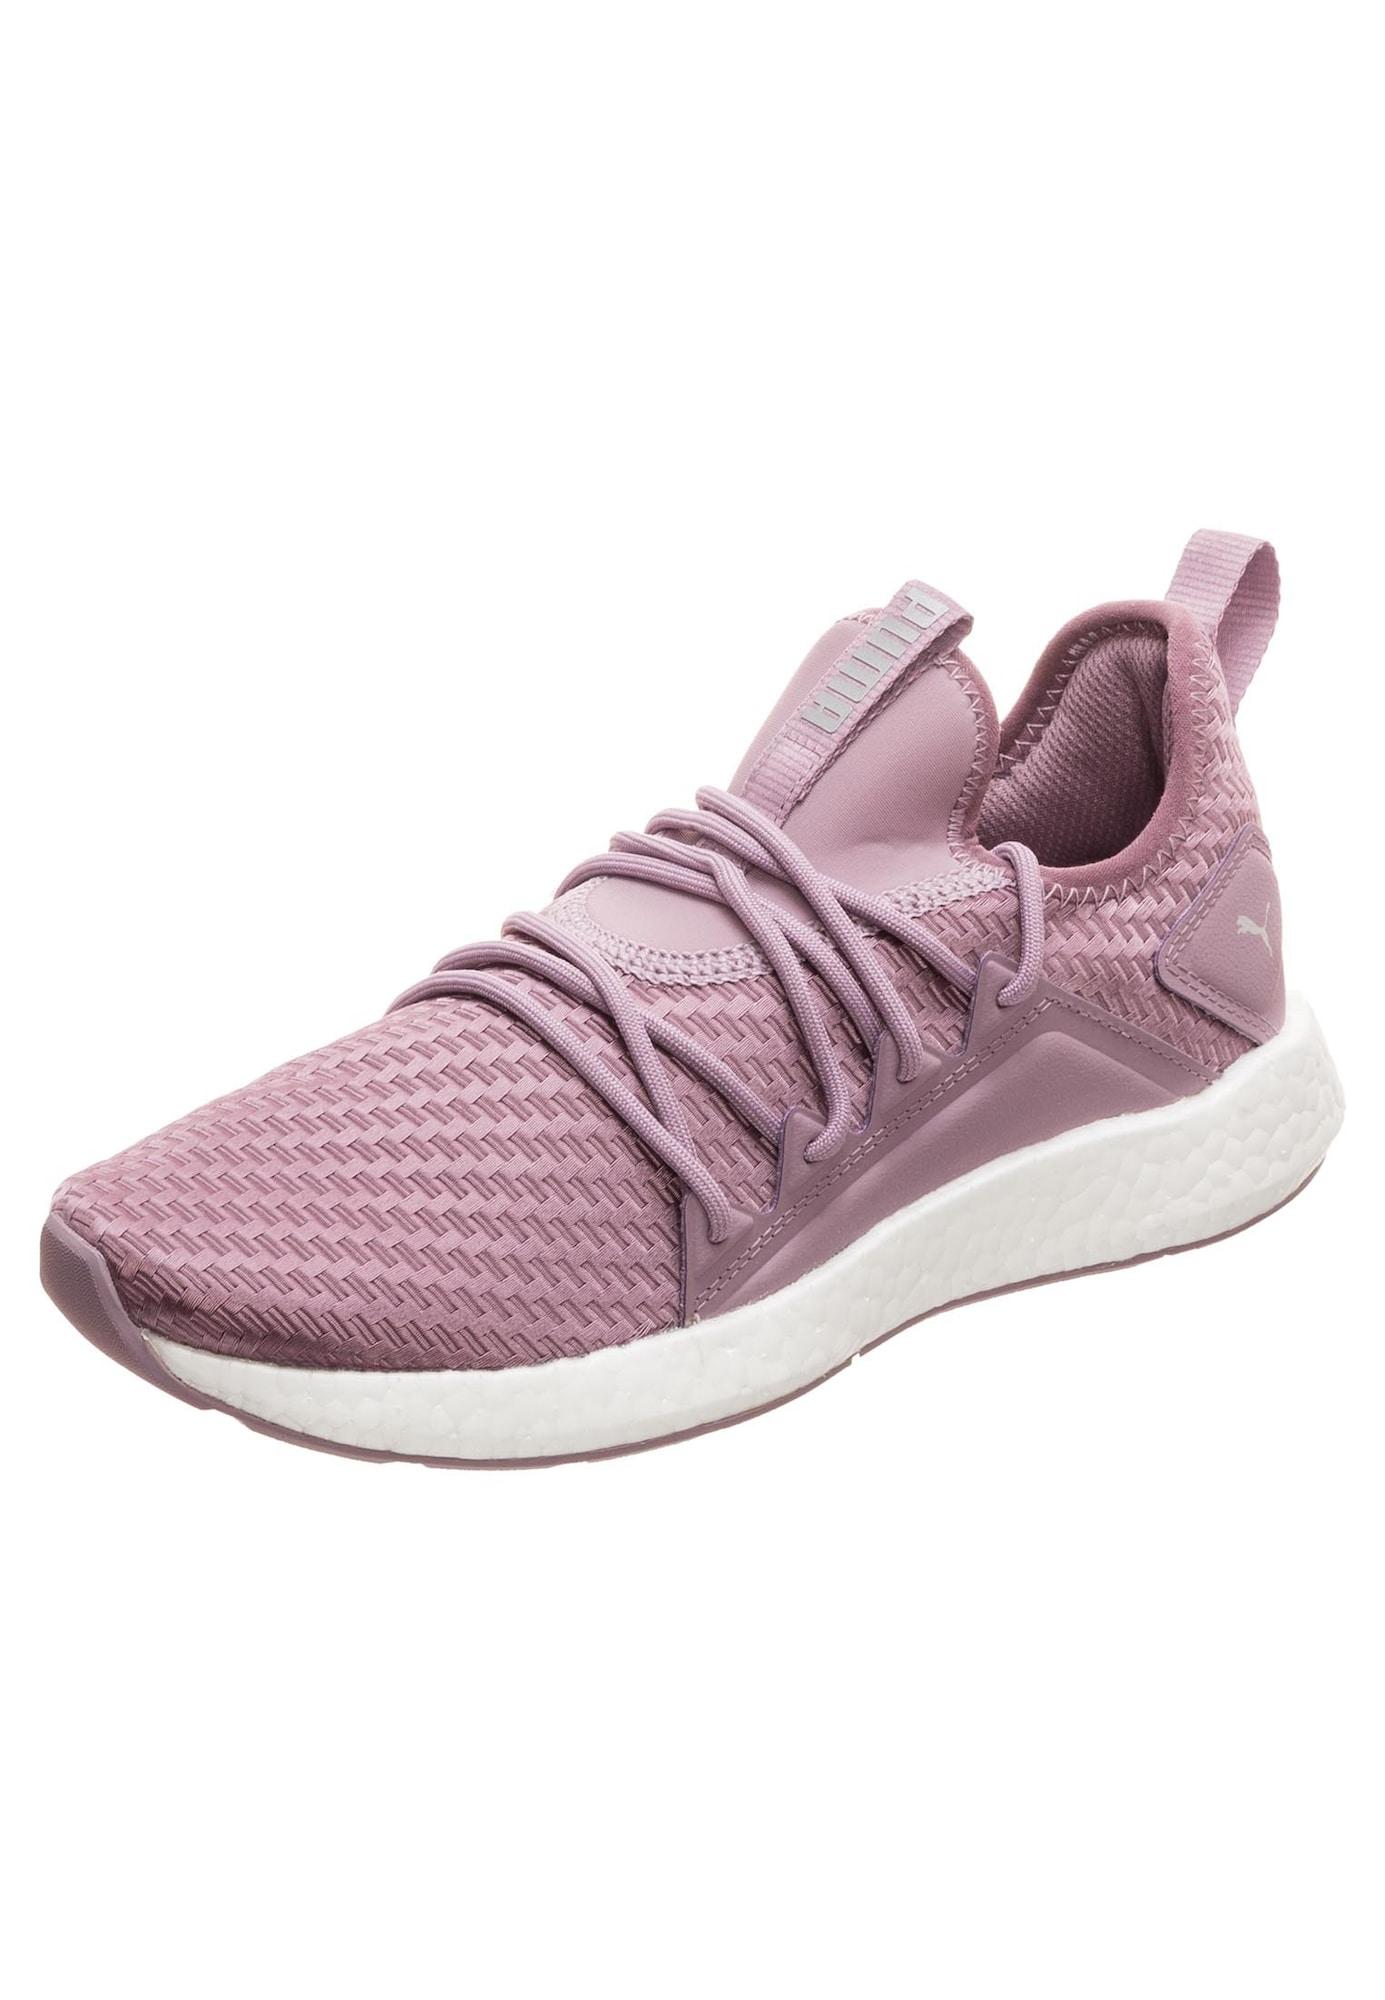 Sportovní boty NRGY Neko Cosmic fialová bílá PUMA